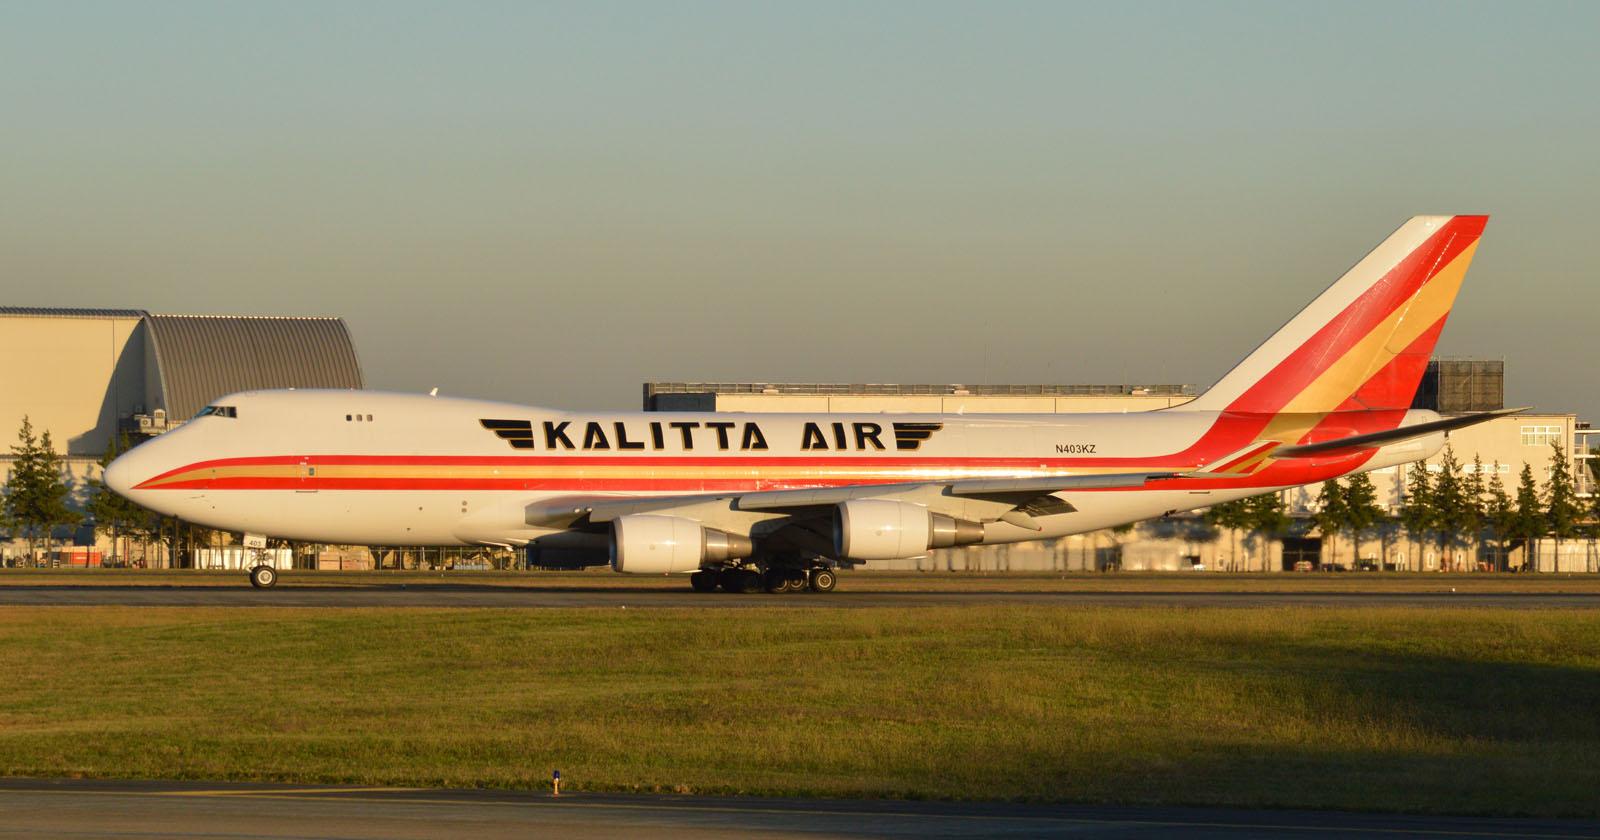 Kalitta151104g626